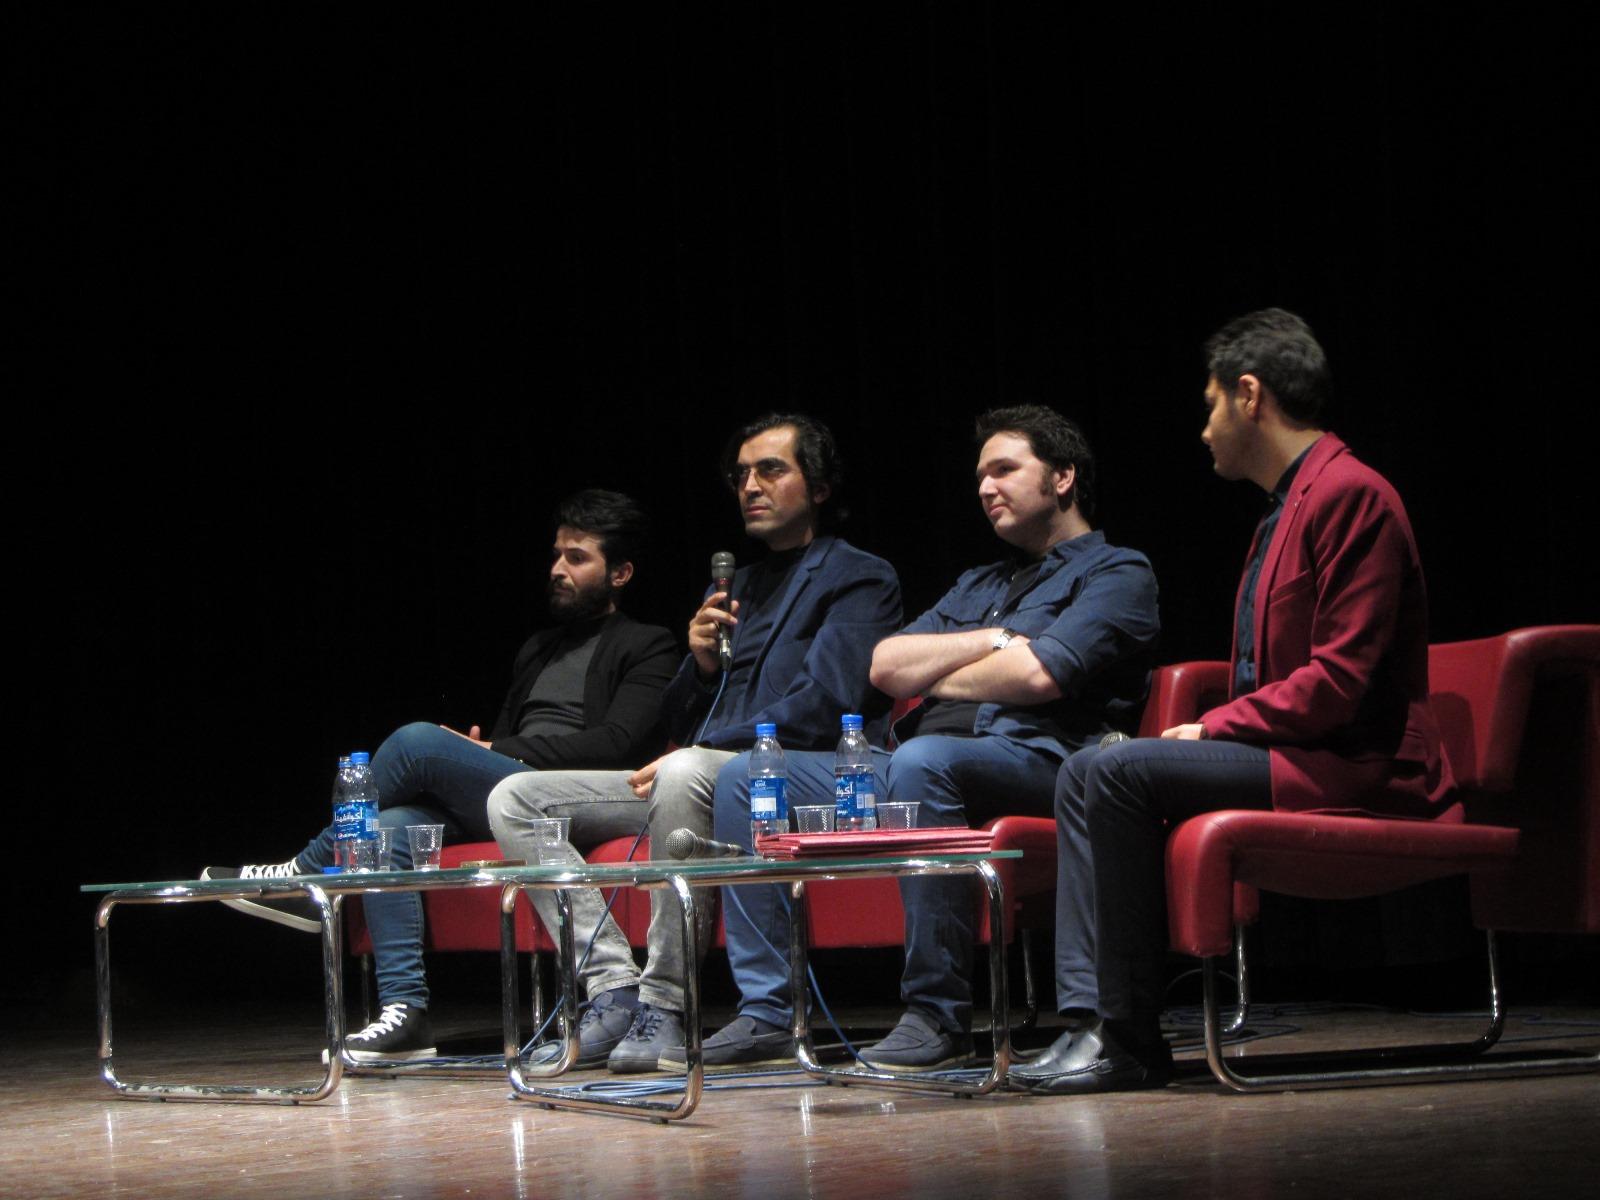 ایرج زاد: «کارگردان» با «فیلمساز» فرق دارد!